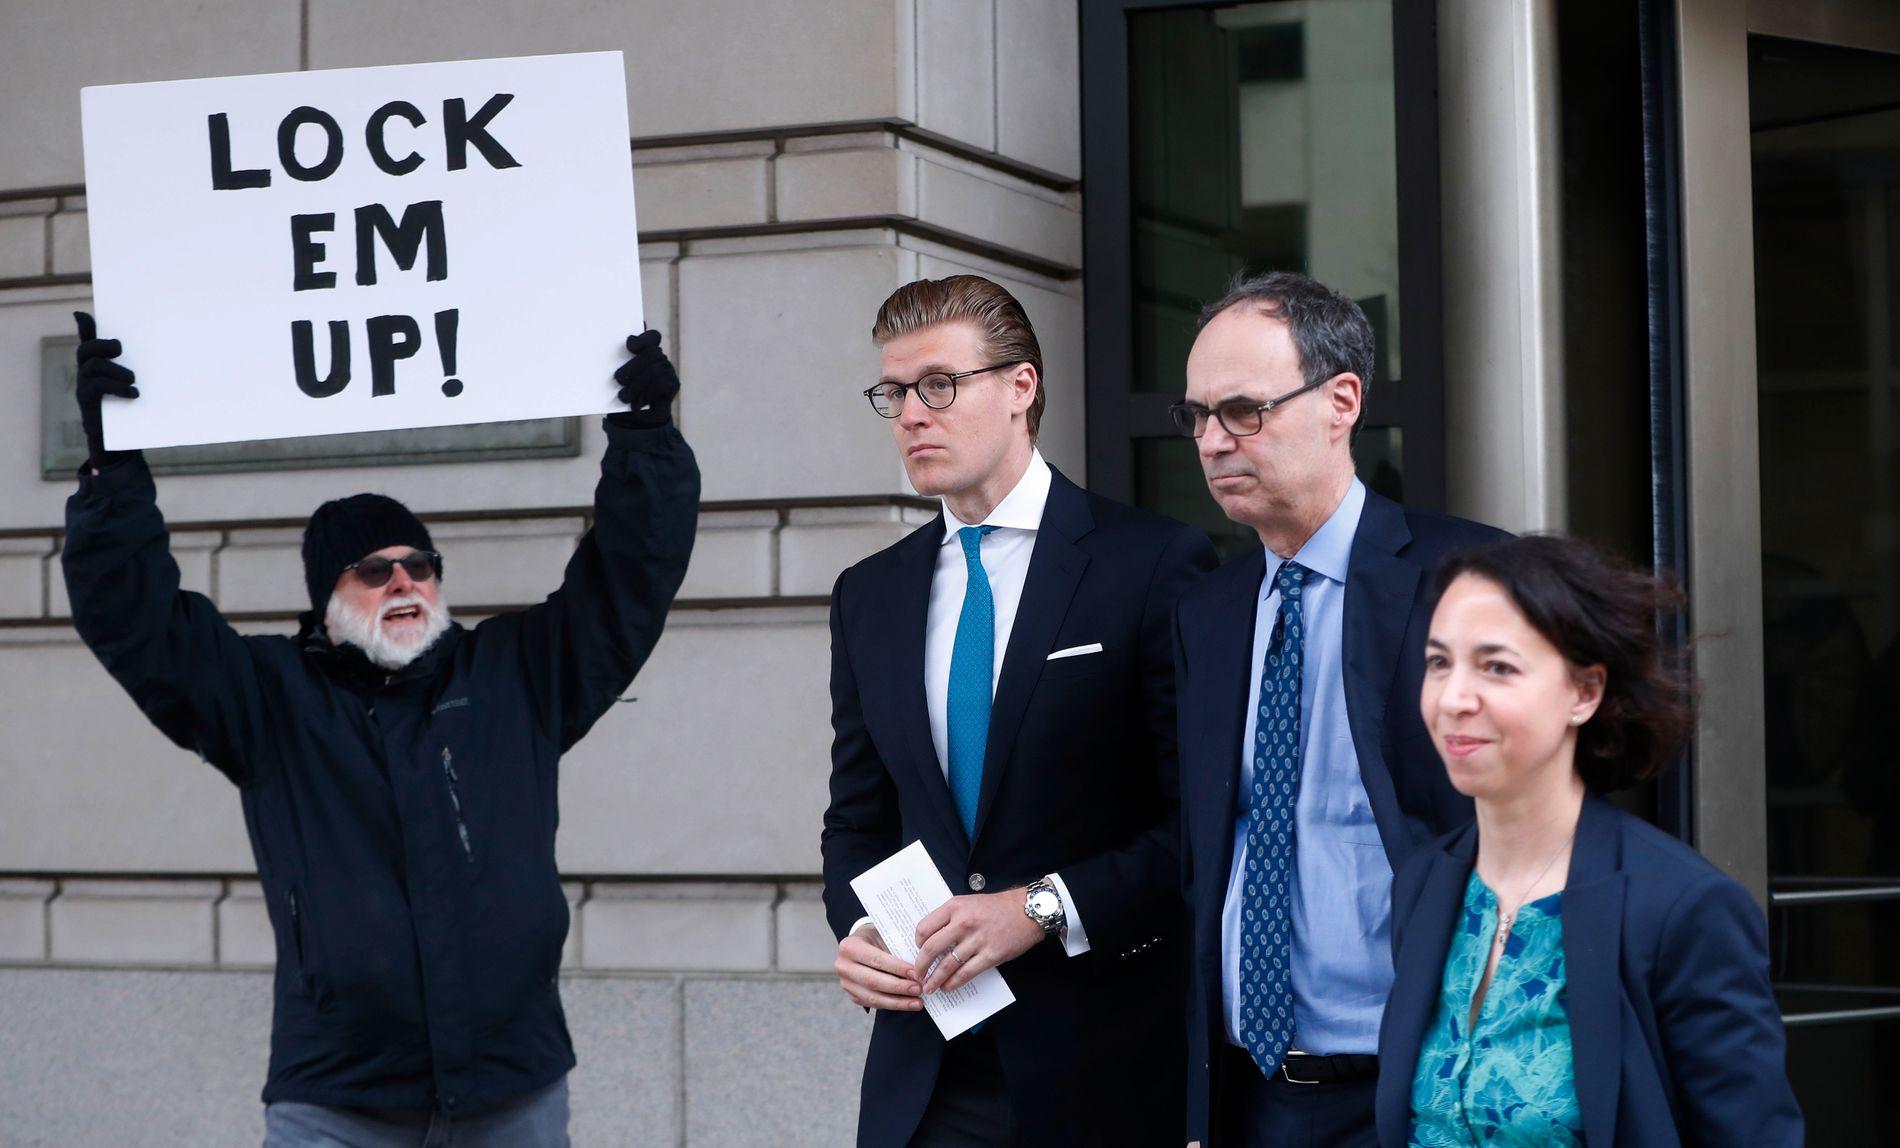 DØMT TIL FENGSEL: Alex van der Zwaan (nr. to fra venstre) forlater retten tredje april. Han er dømt til 30 dager i fengsel.